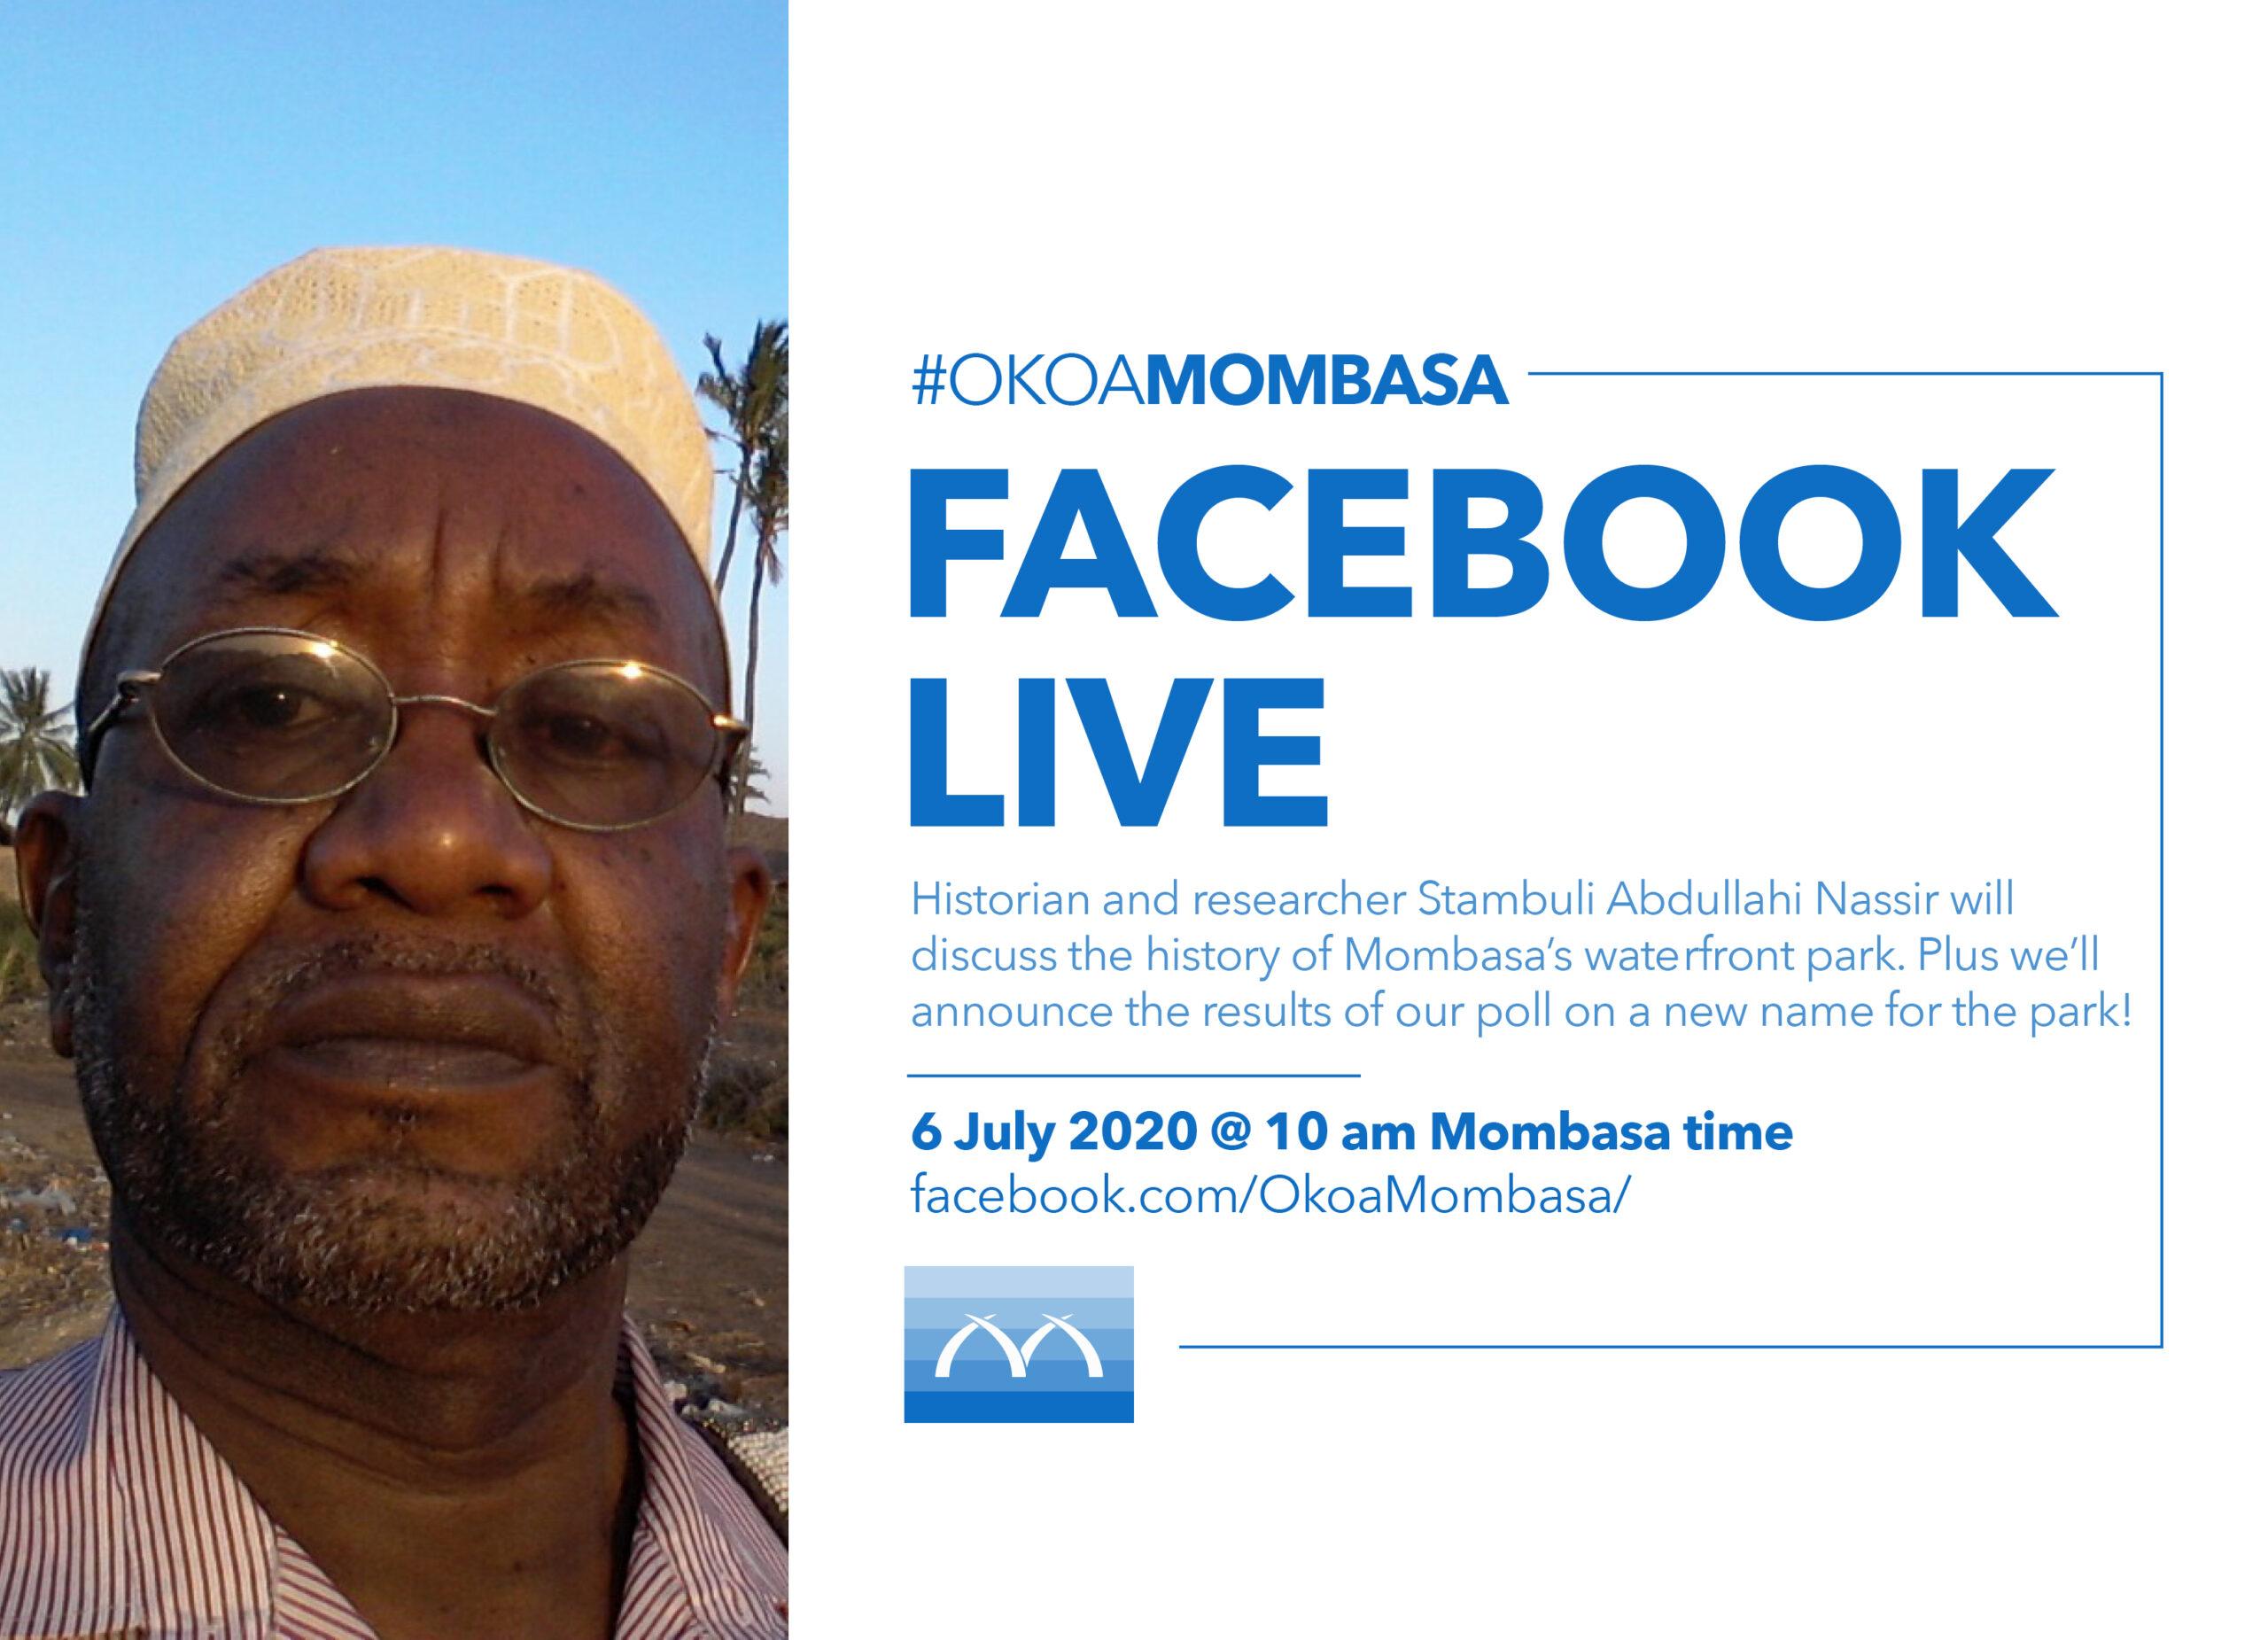 Okoa Mombasa Facebook Live: The history of Mombasa's waterfront park